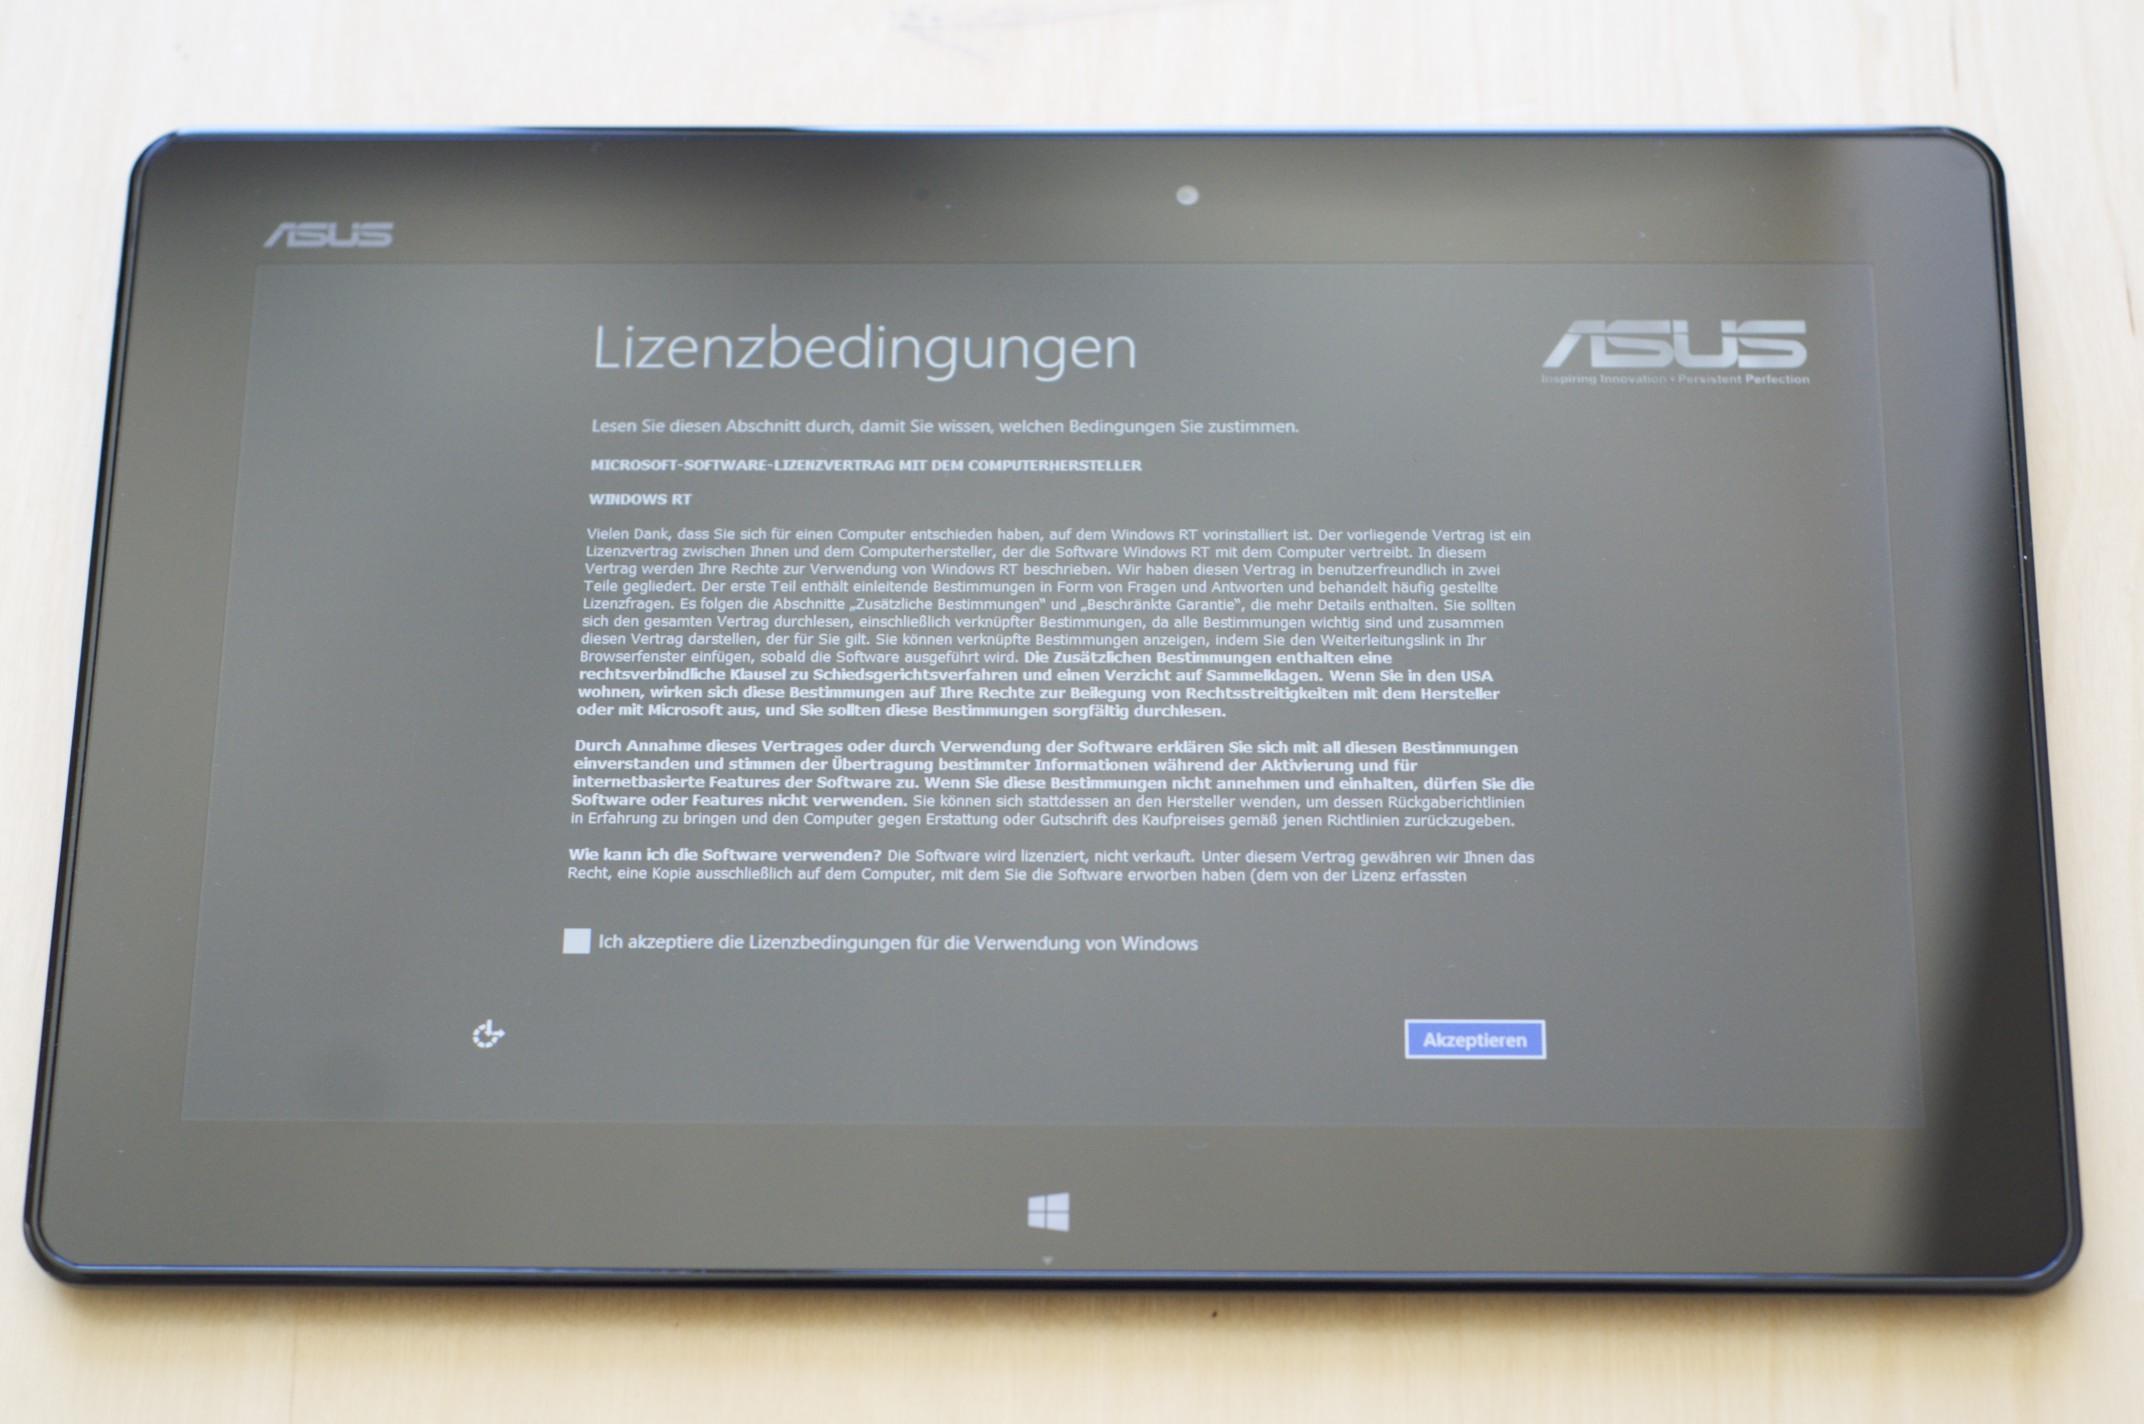 Asus Vivo Tab RT im Test: Gutes ARM-Tablet mit stromsparendem Windows RT - Lizenzhinweis